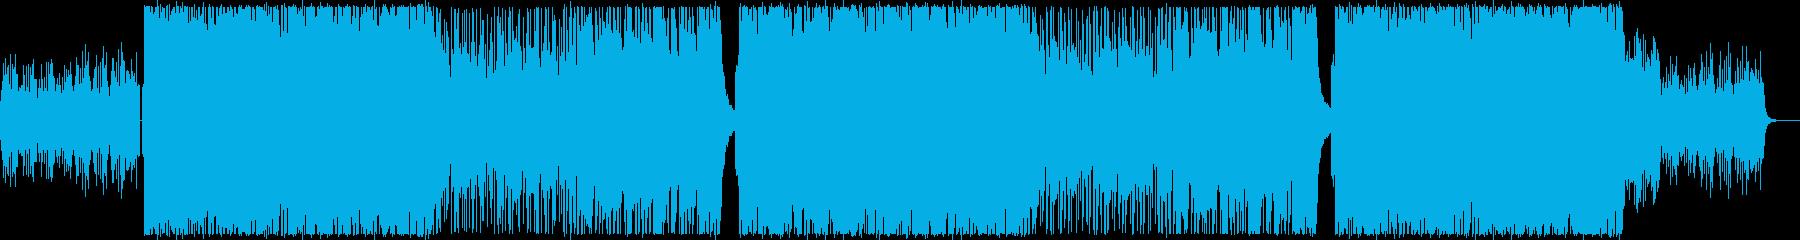 レトロフューチャーな感動系シンセポップの再生済みの波形